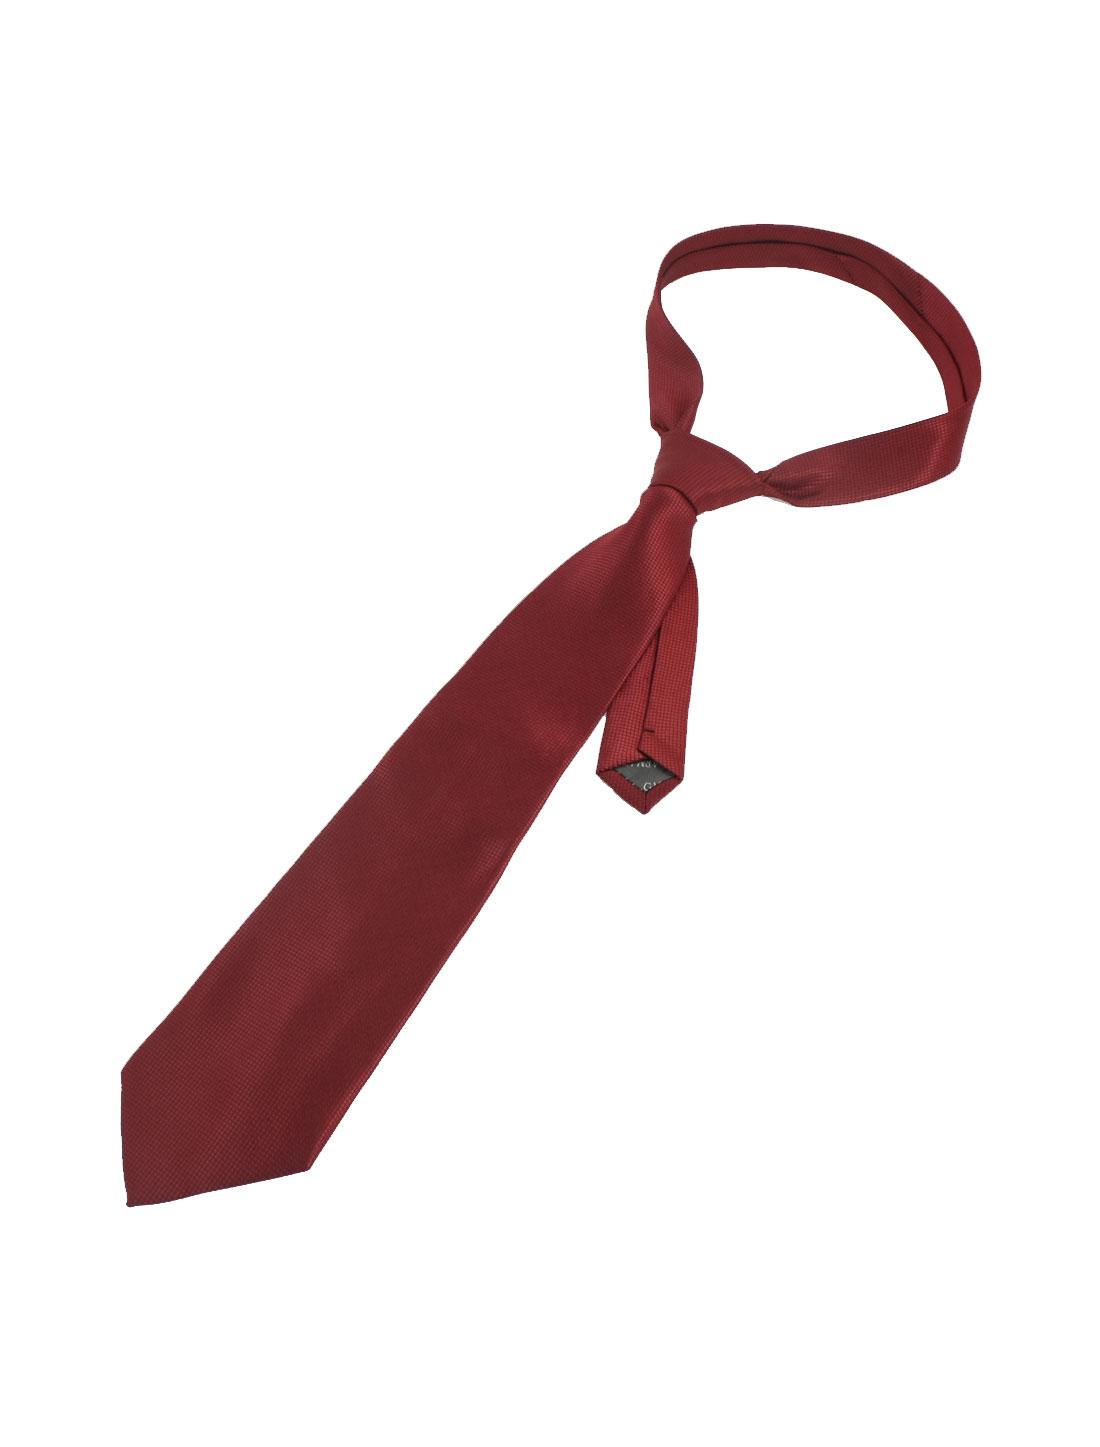 Plaid Pattern Style Self Tie Neckwear Necktie Red Black for Man